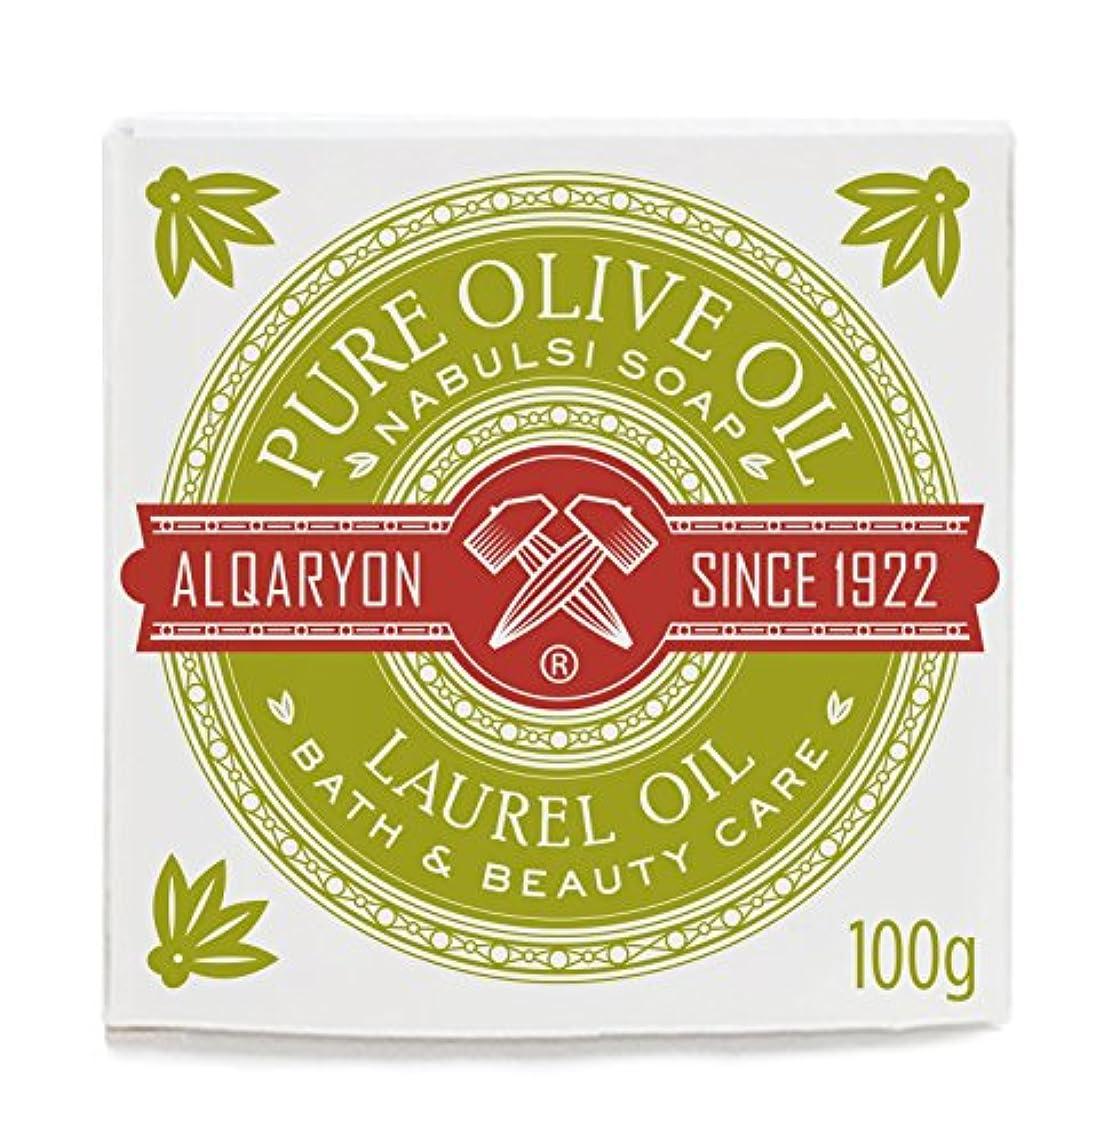 解決同一性早めるAlqaryon Laurel Oil & Olive Oil Bar Soap Pack of 4 - AlqaryonのローレルオイルI&オリーブオイル ソープ、バス & ビューティー ケア、100gの石鹸4個のパック